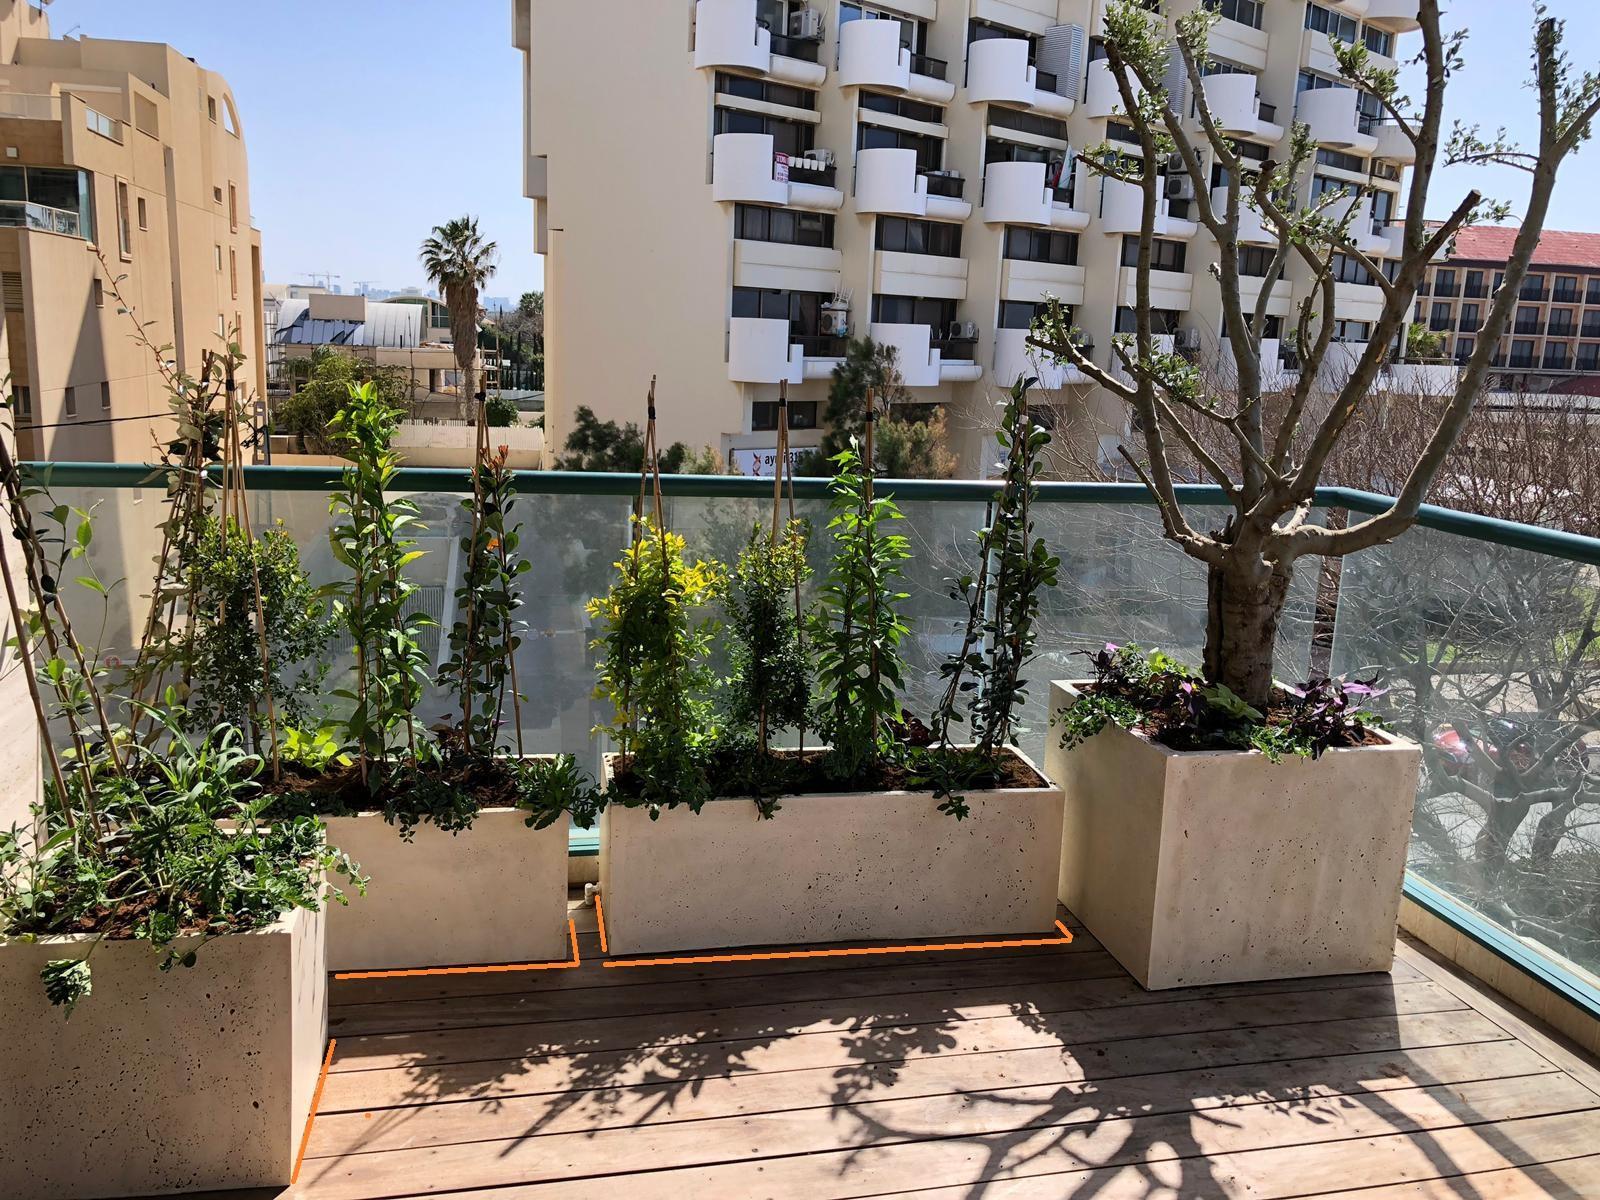 שלבי הקמת הגינה במרפסת